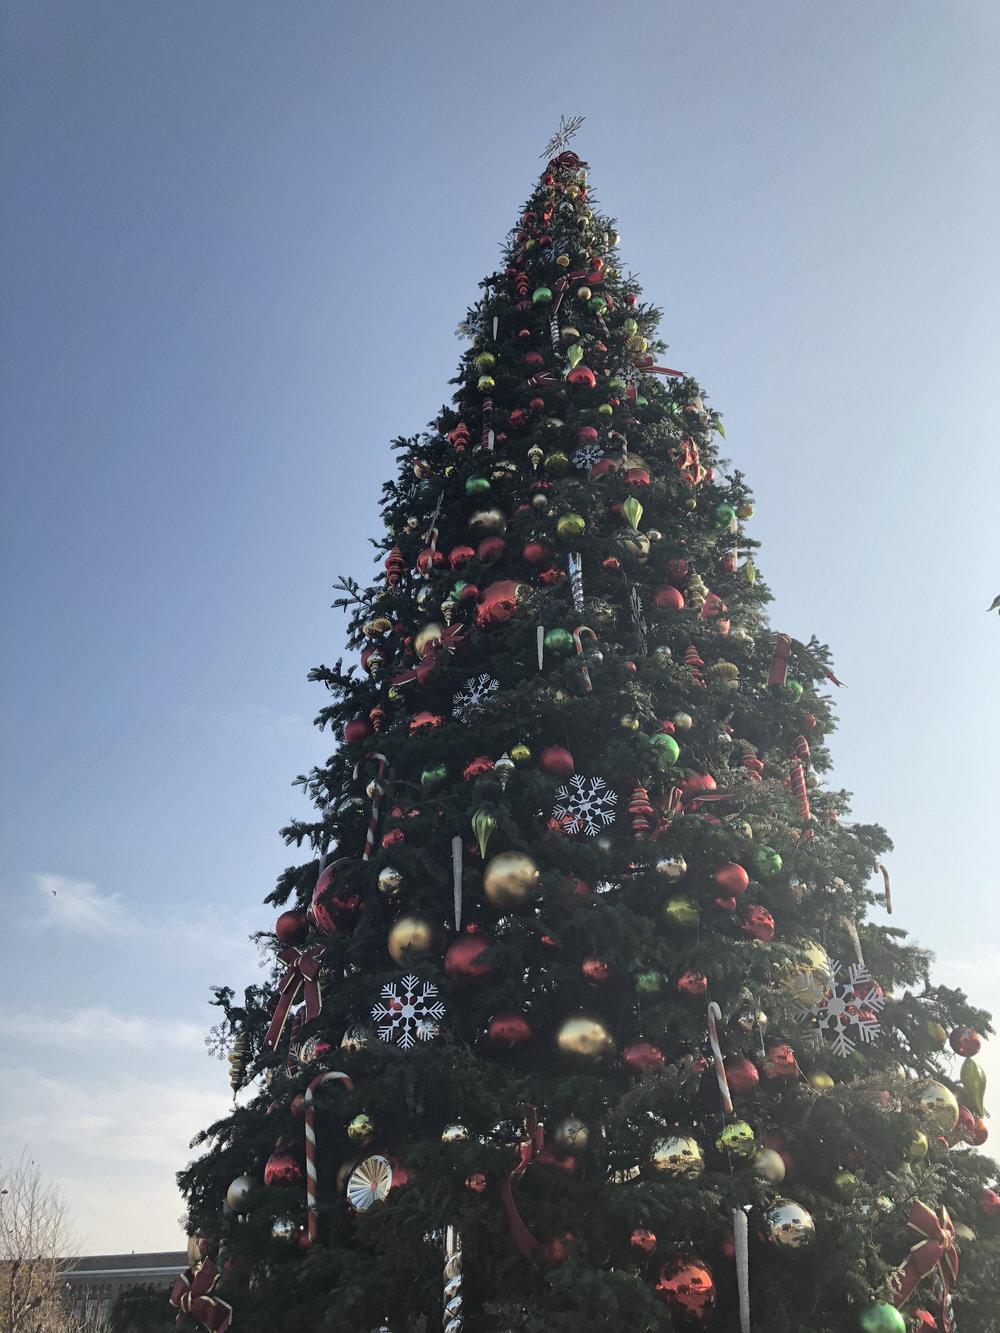 El árbol de Navidad en   Pier 39